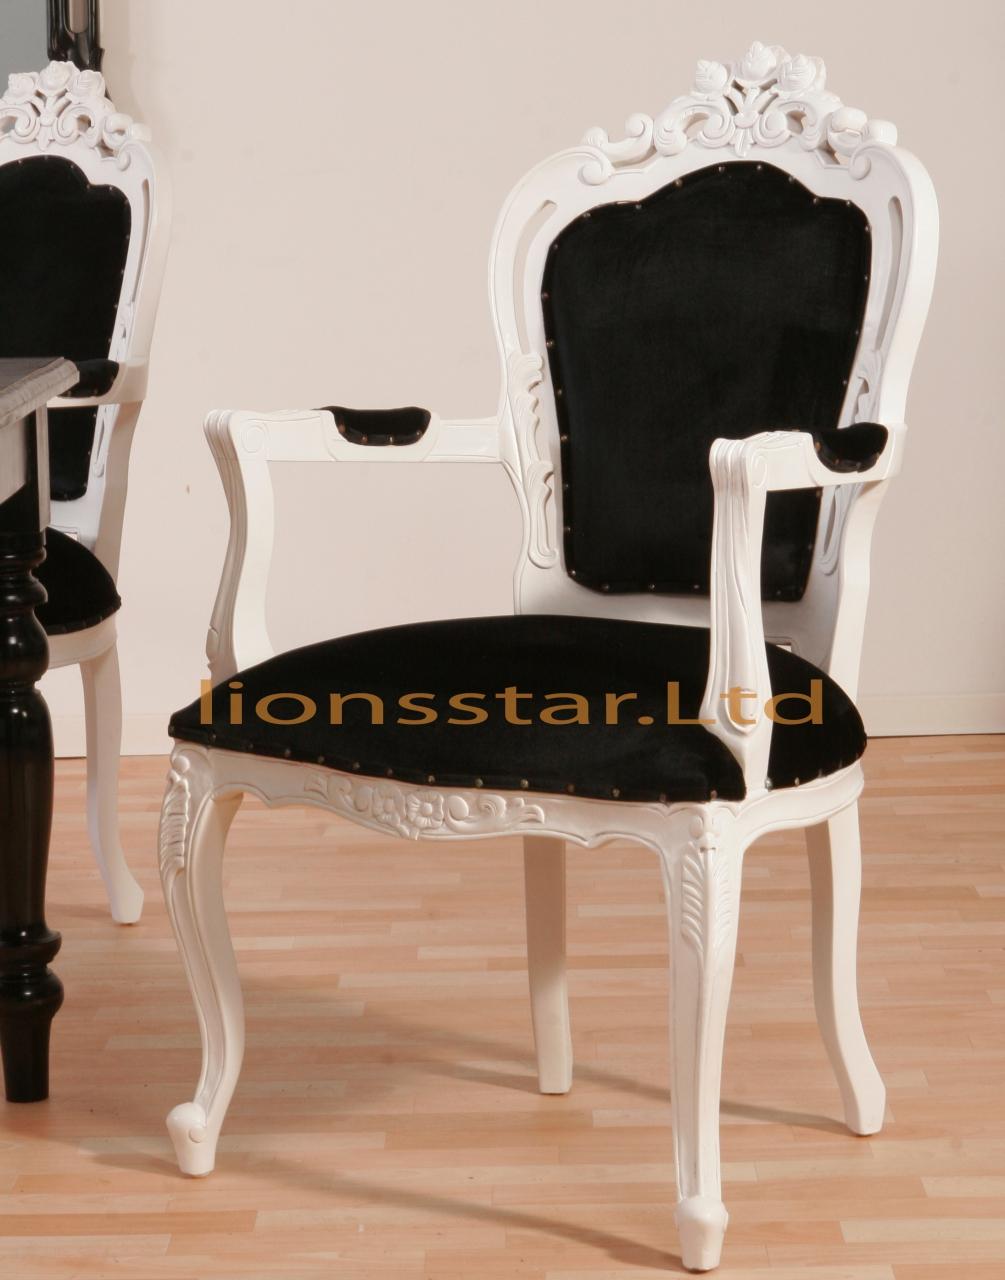 barock stuhl wei g nstig 2017 08 04 01 22 55. Black Bedroom Furniture Sets. Home Design Ideas